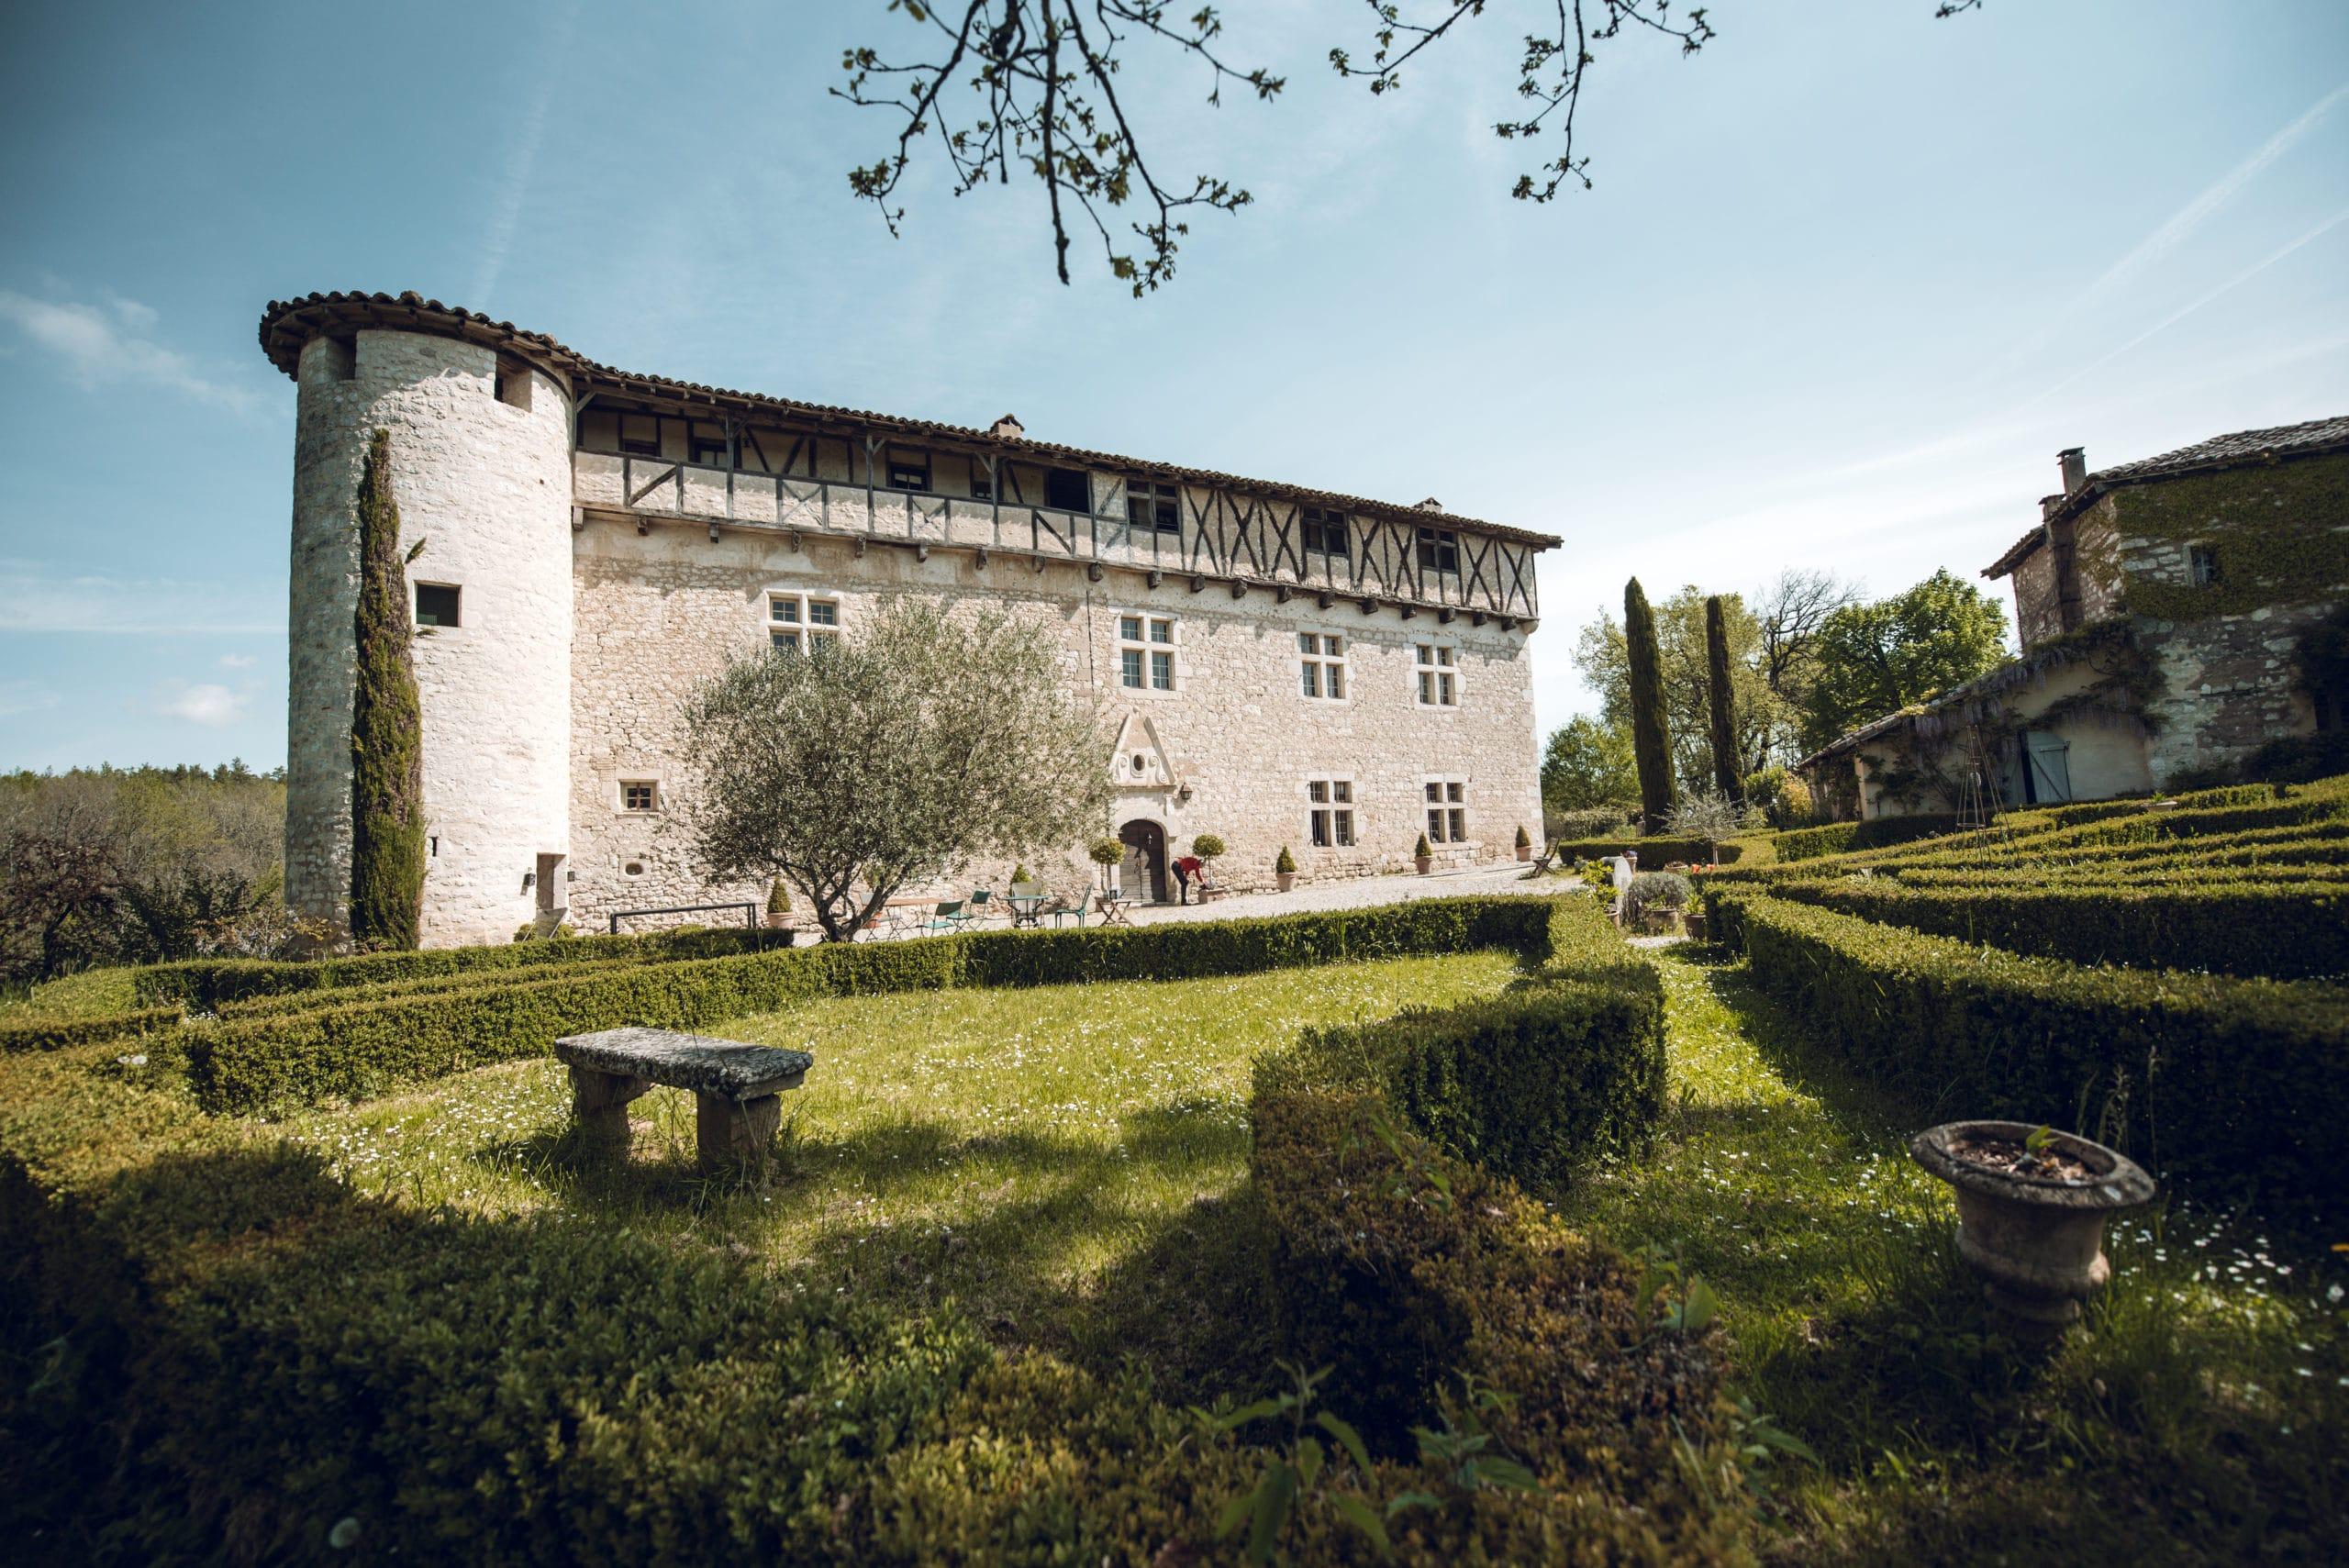 3 jours de house, vins naturels et spectacles au cœur d'un domaine viticole au Sensitive festival